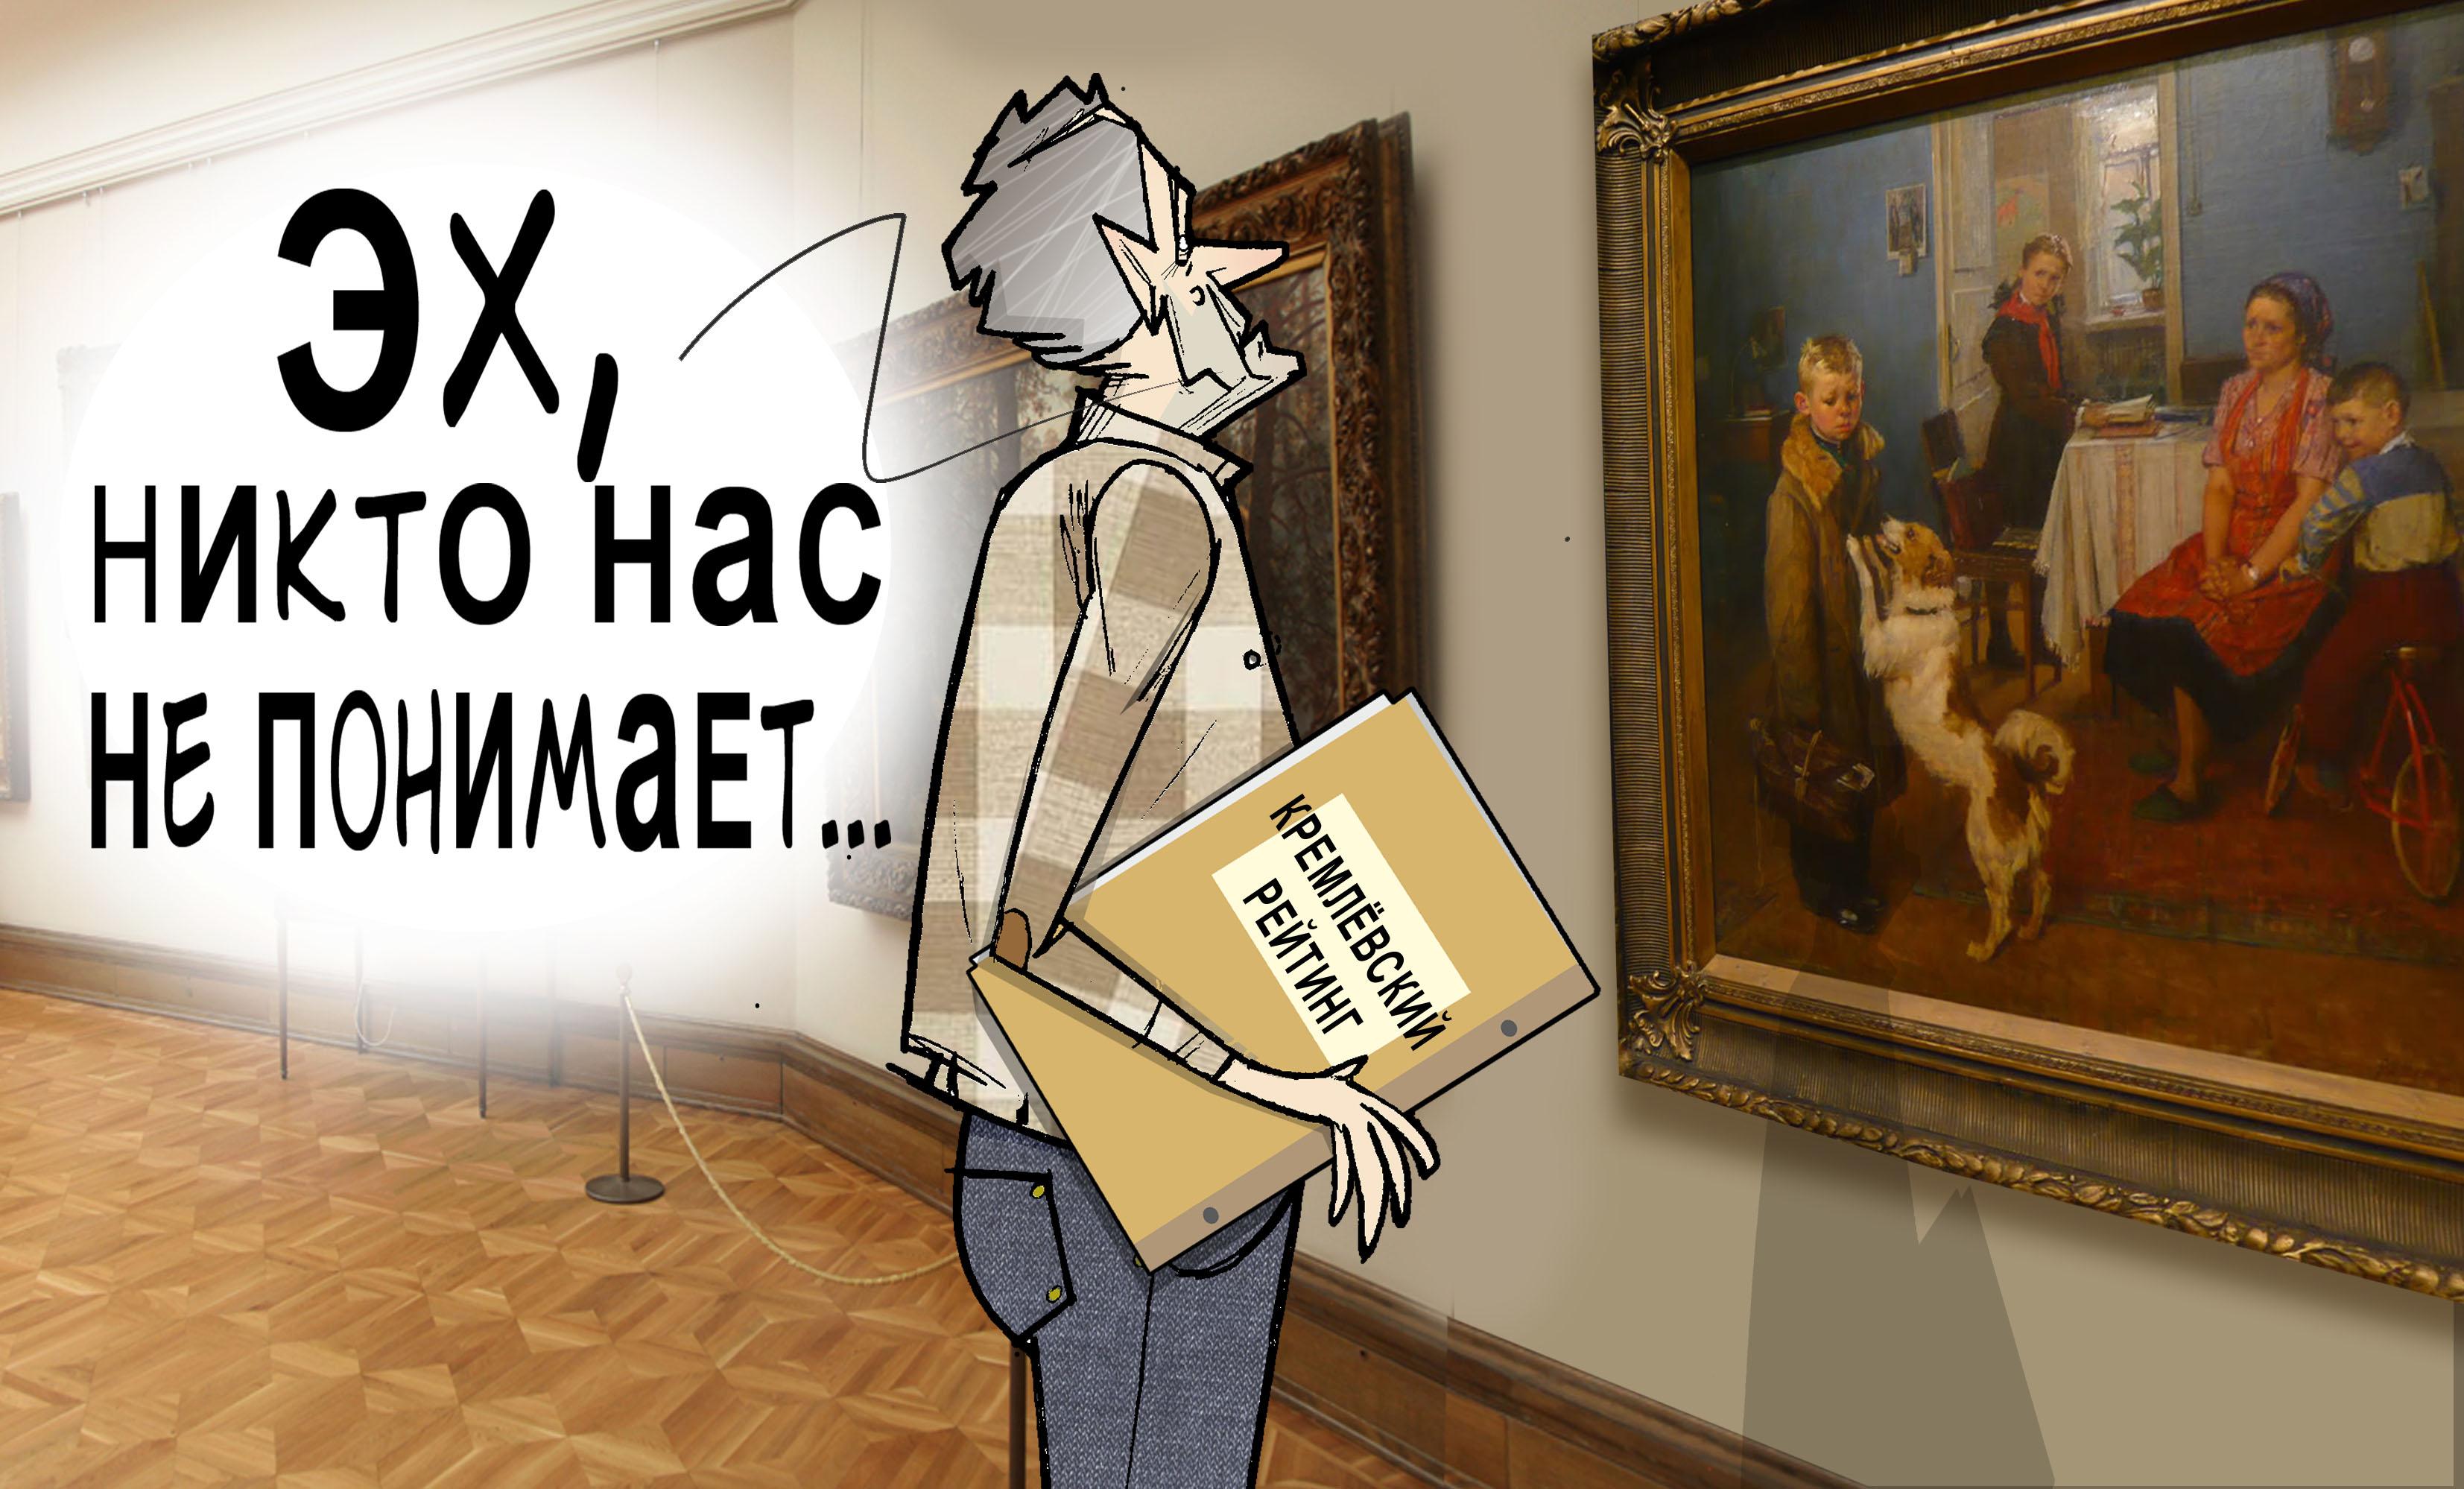 """Кремлёвский #рейтинг. Опять двойка. #ПрезидентУР #Волков © Газета """"День"""" 2013"""